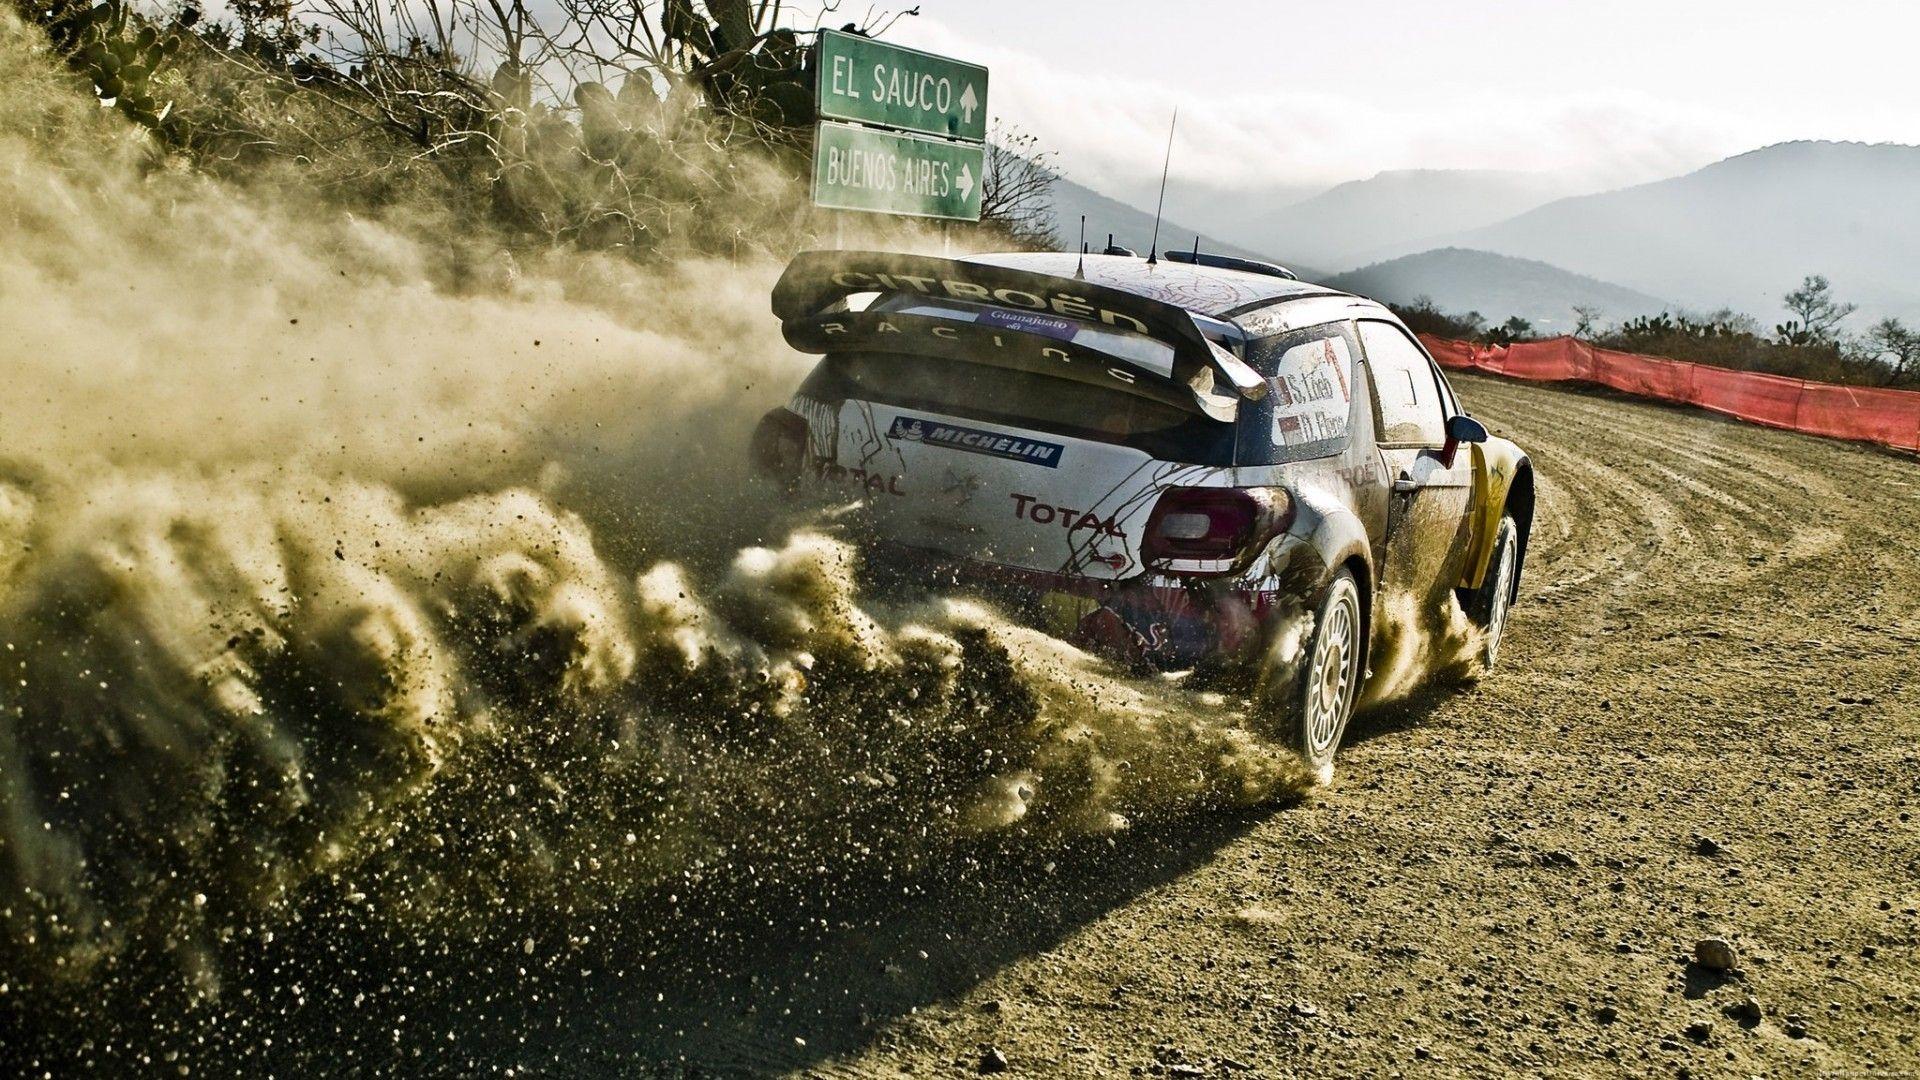 Citroen Ds3 Rally Dirt Hd Wallpaper Http Www Hdwallpaperuniverse Com Citroen Ds3 Rally Dirt Hd Wallpaper Rally Car Rally Car Racing Stock Car